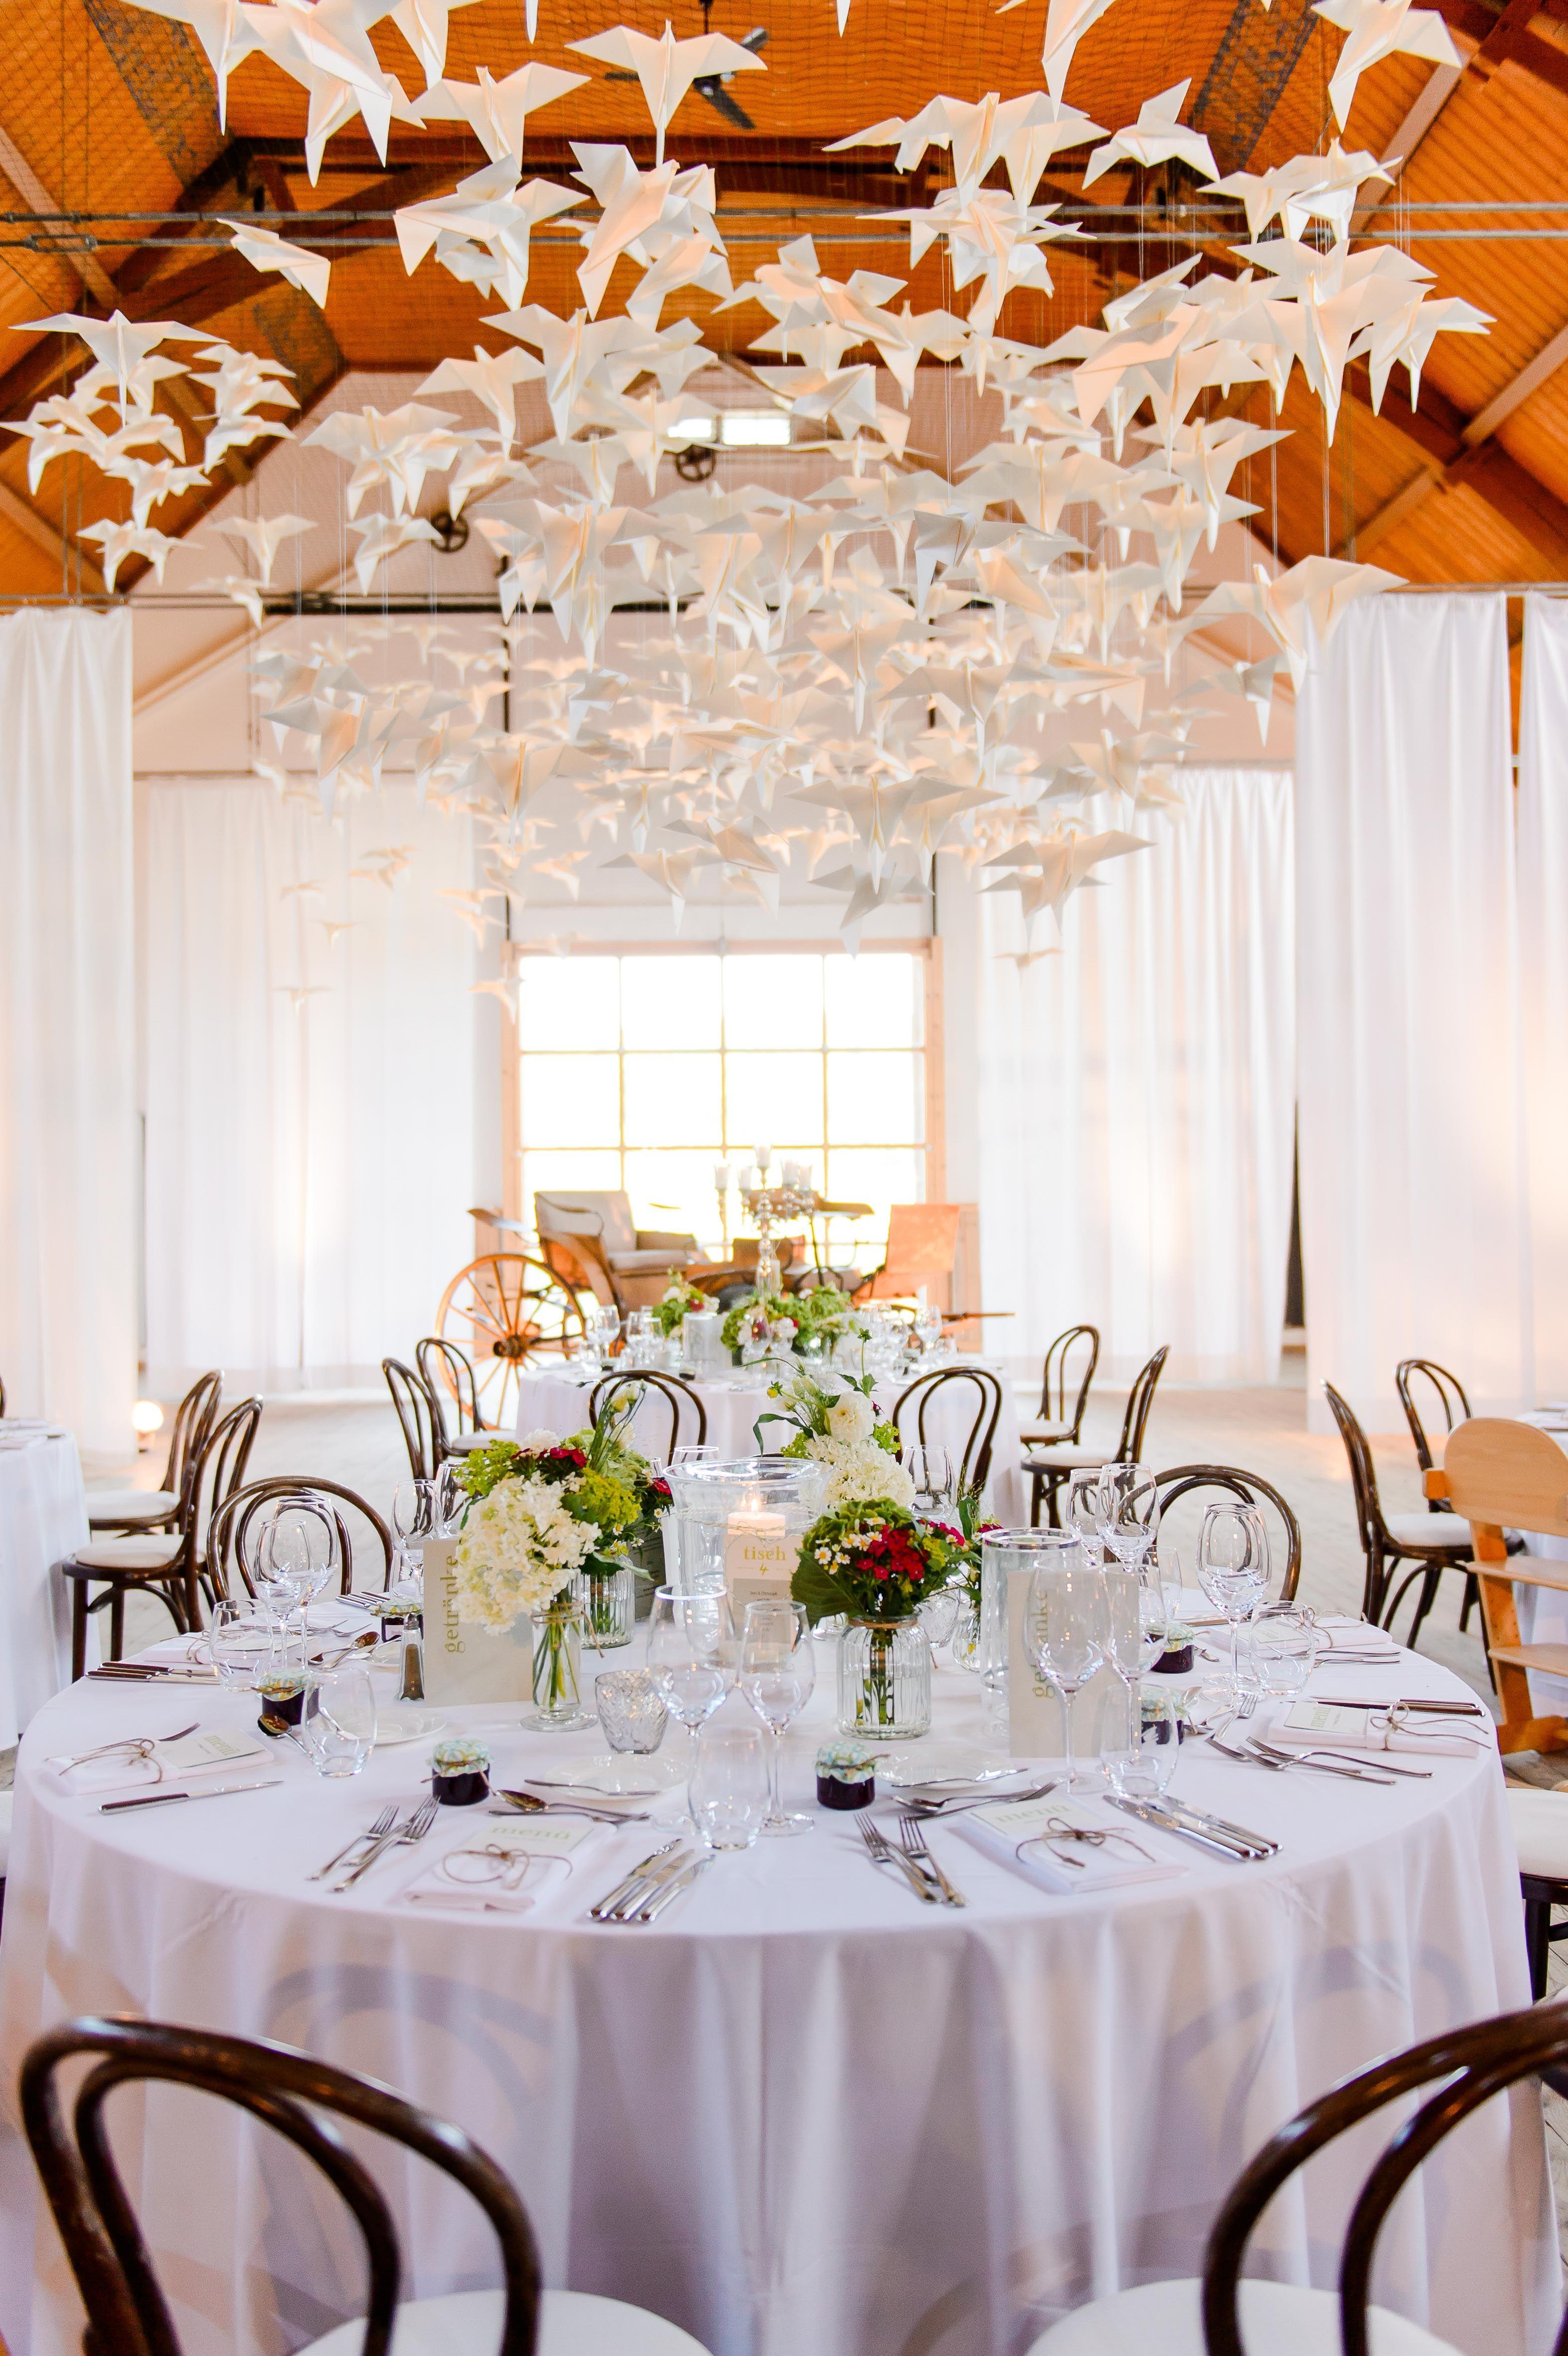 Raum und Deckendekoration Hochzeit Vogelschwarm Ein Papier